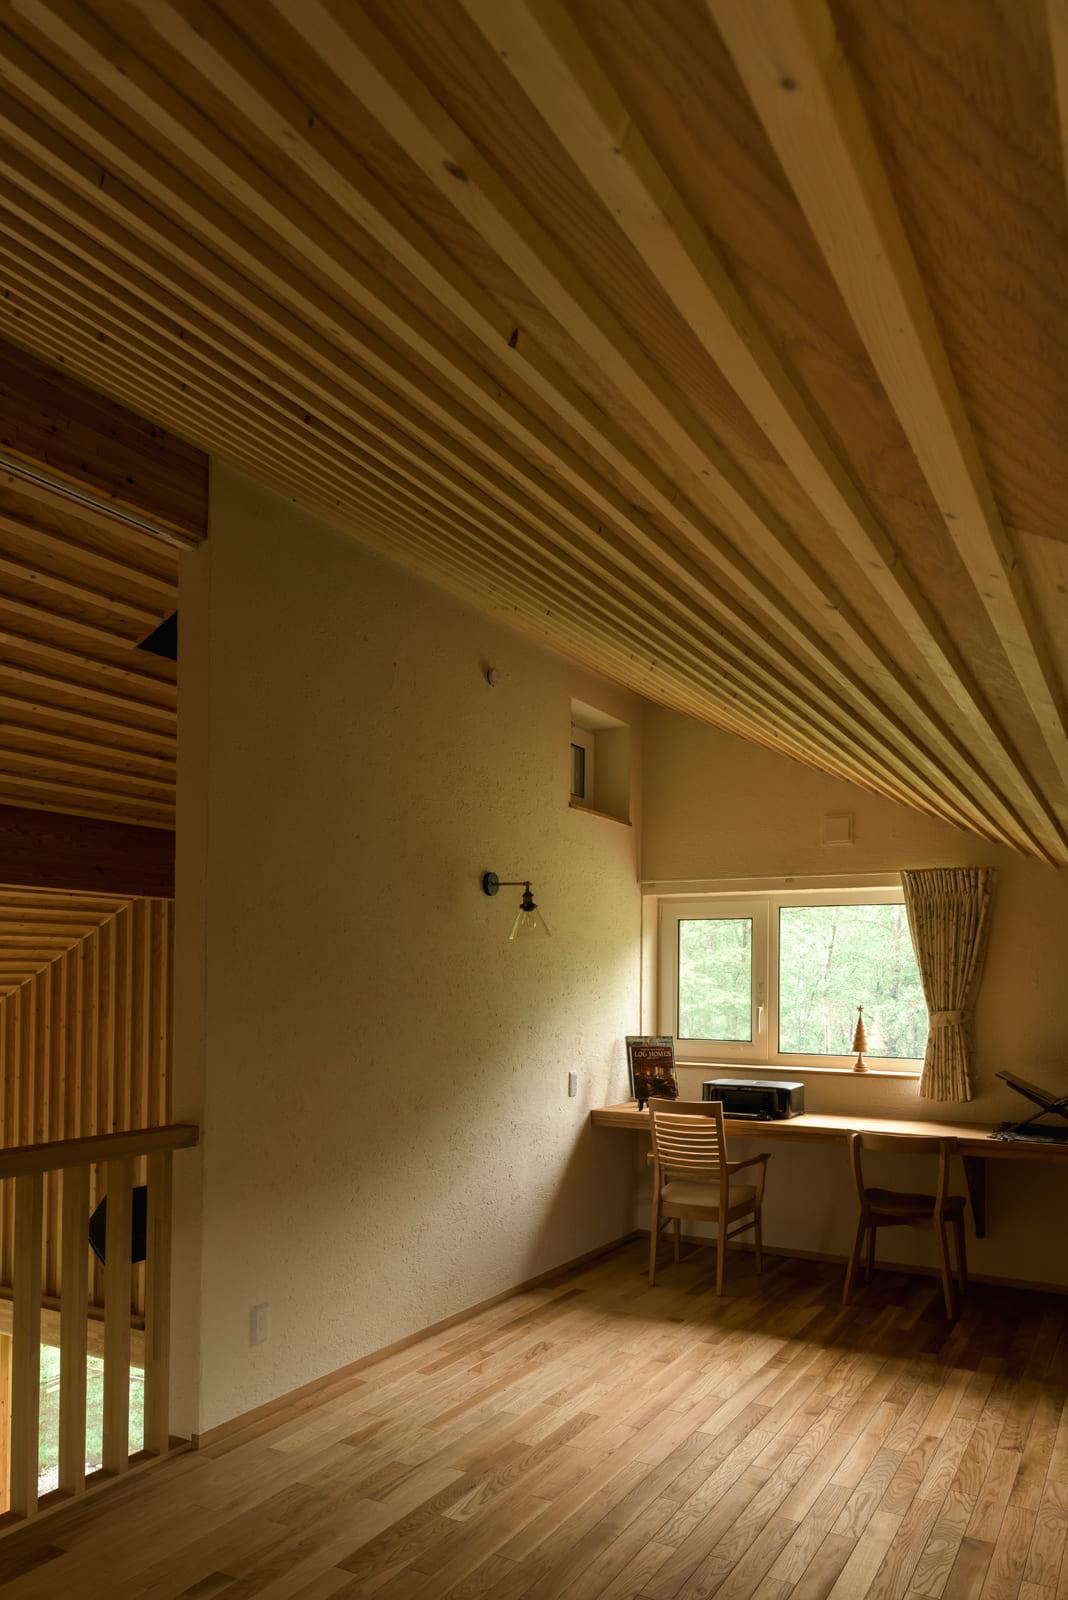 書斎を設けた2階のロフト風フリースペース。「2階で聴く音楽もなかなか良いですよ。天井の傾斜が音を反射するので、柔らかい音になるんです」とBさん